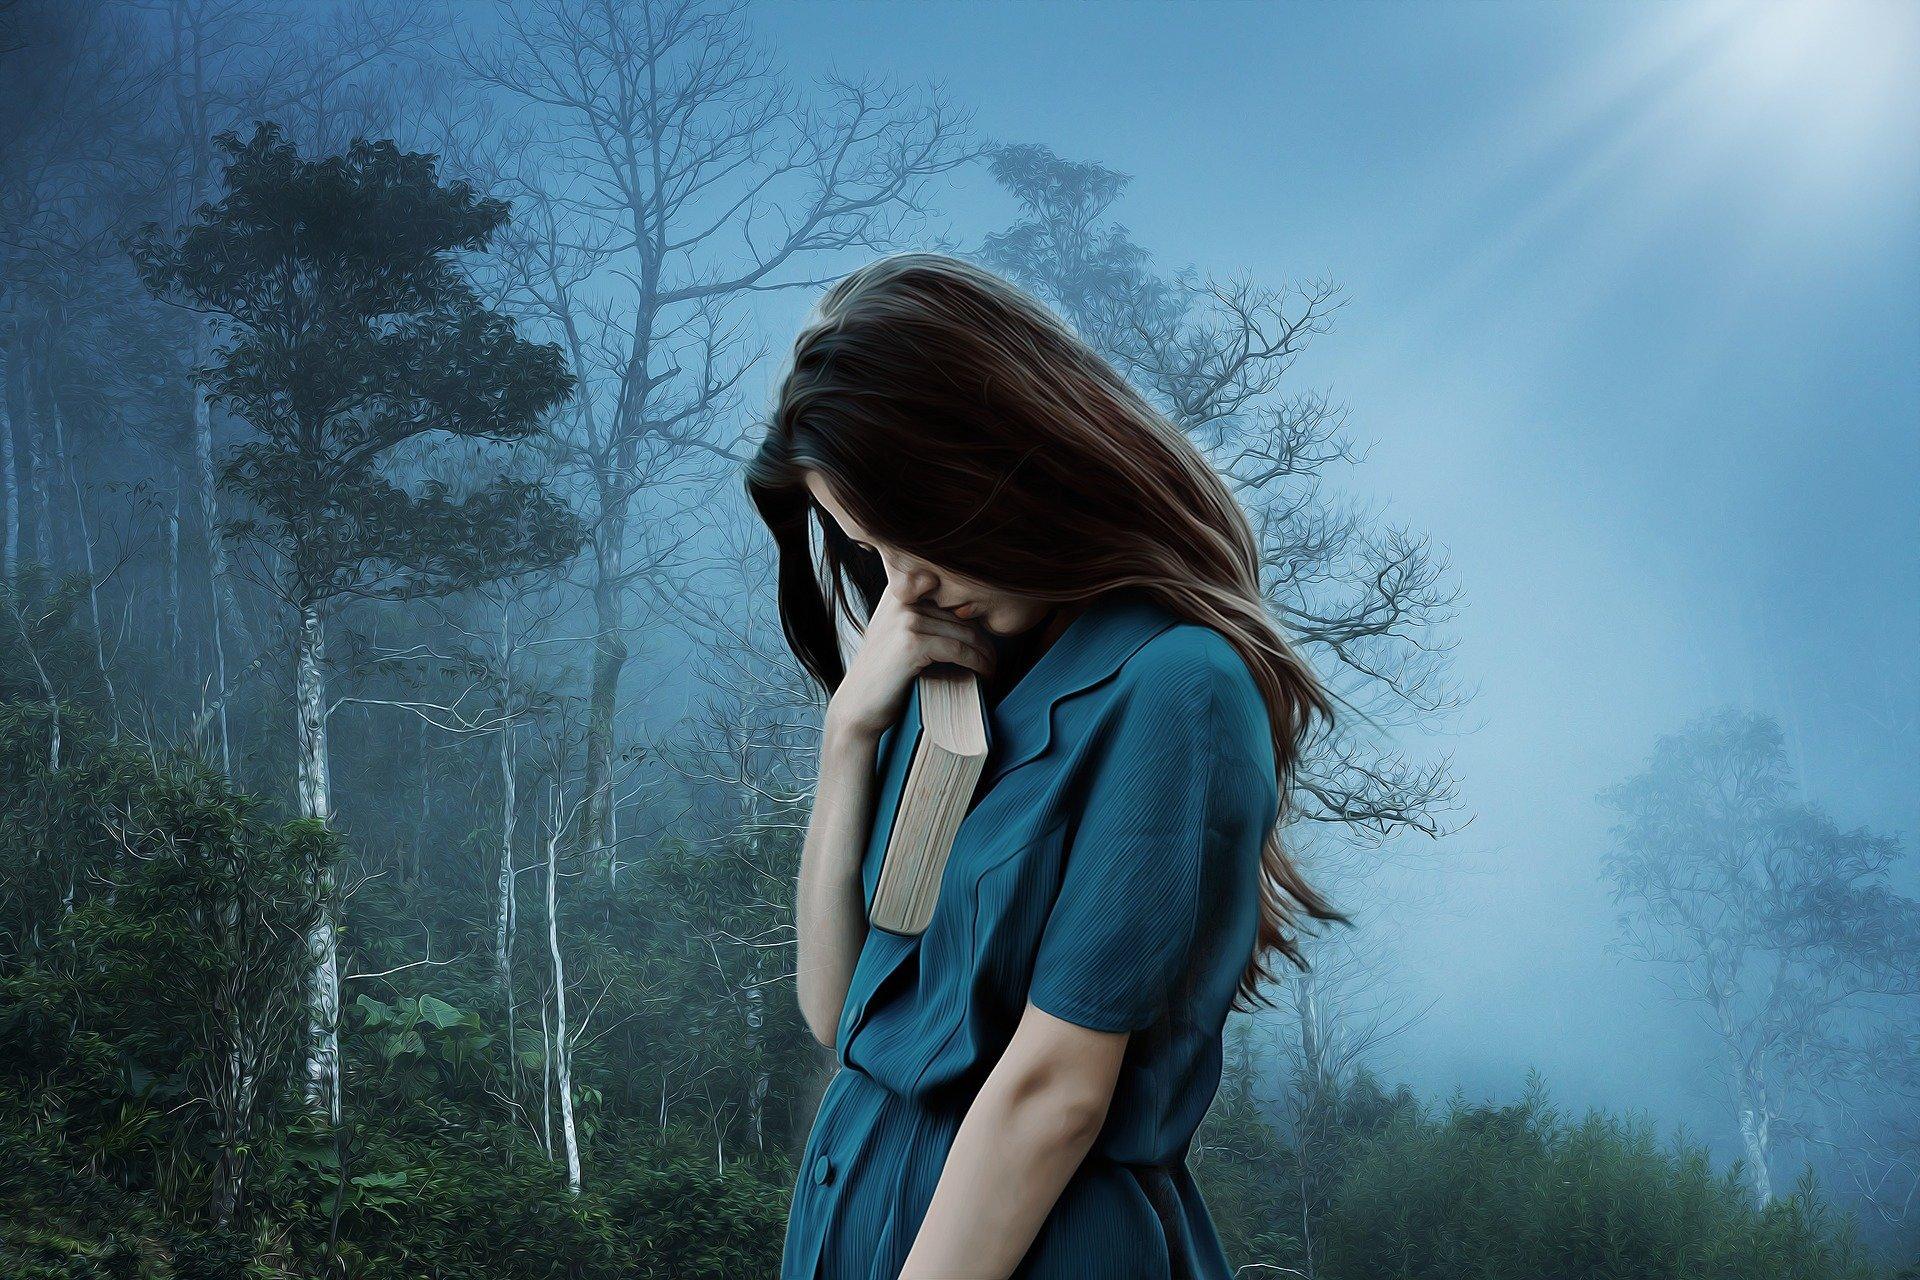 Erinnert an glückliche Erinnerungen während der Pubertät kann verringern das Risiko von Depressionen